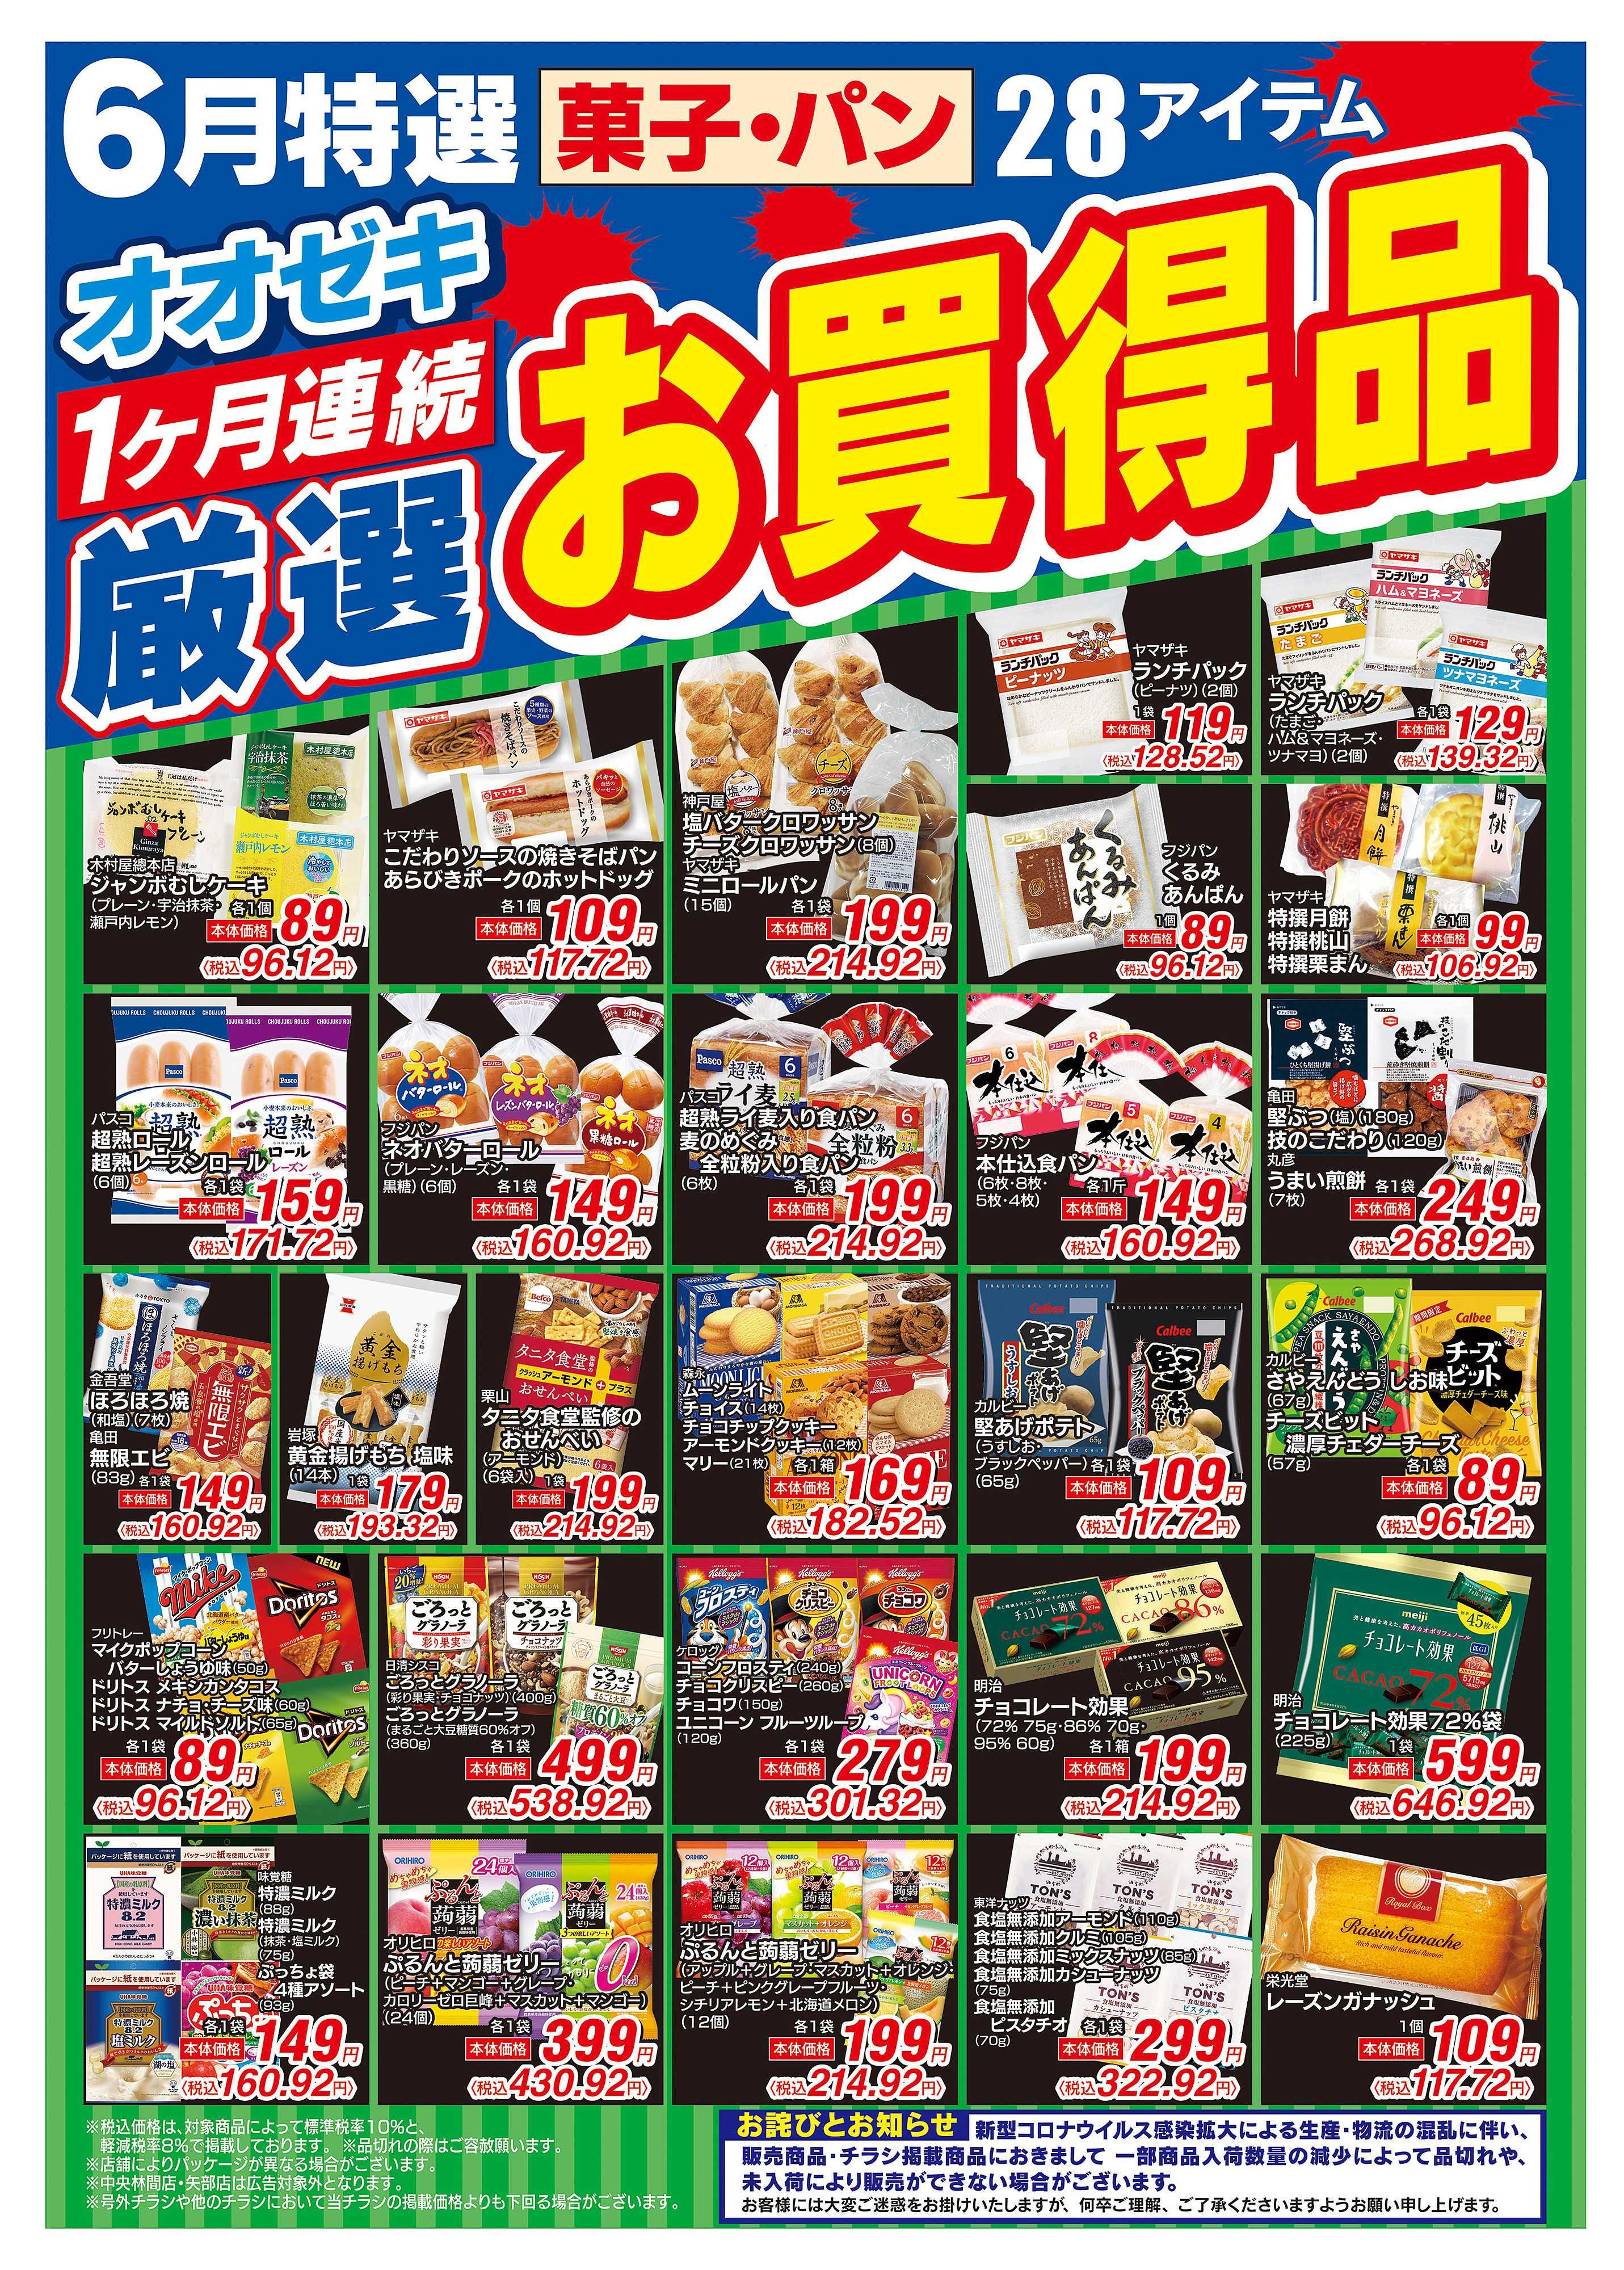 オオゼキ 6月特選菓子・パン 1ヶ月連続厳選お買得品